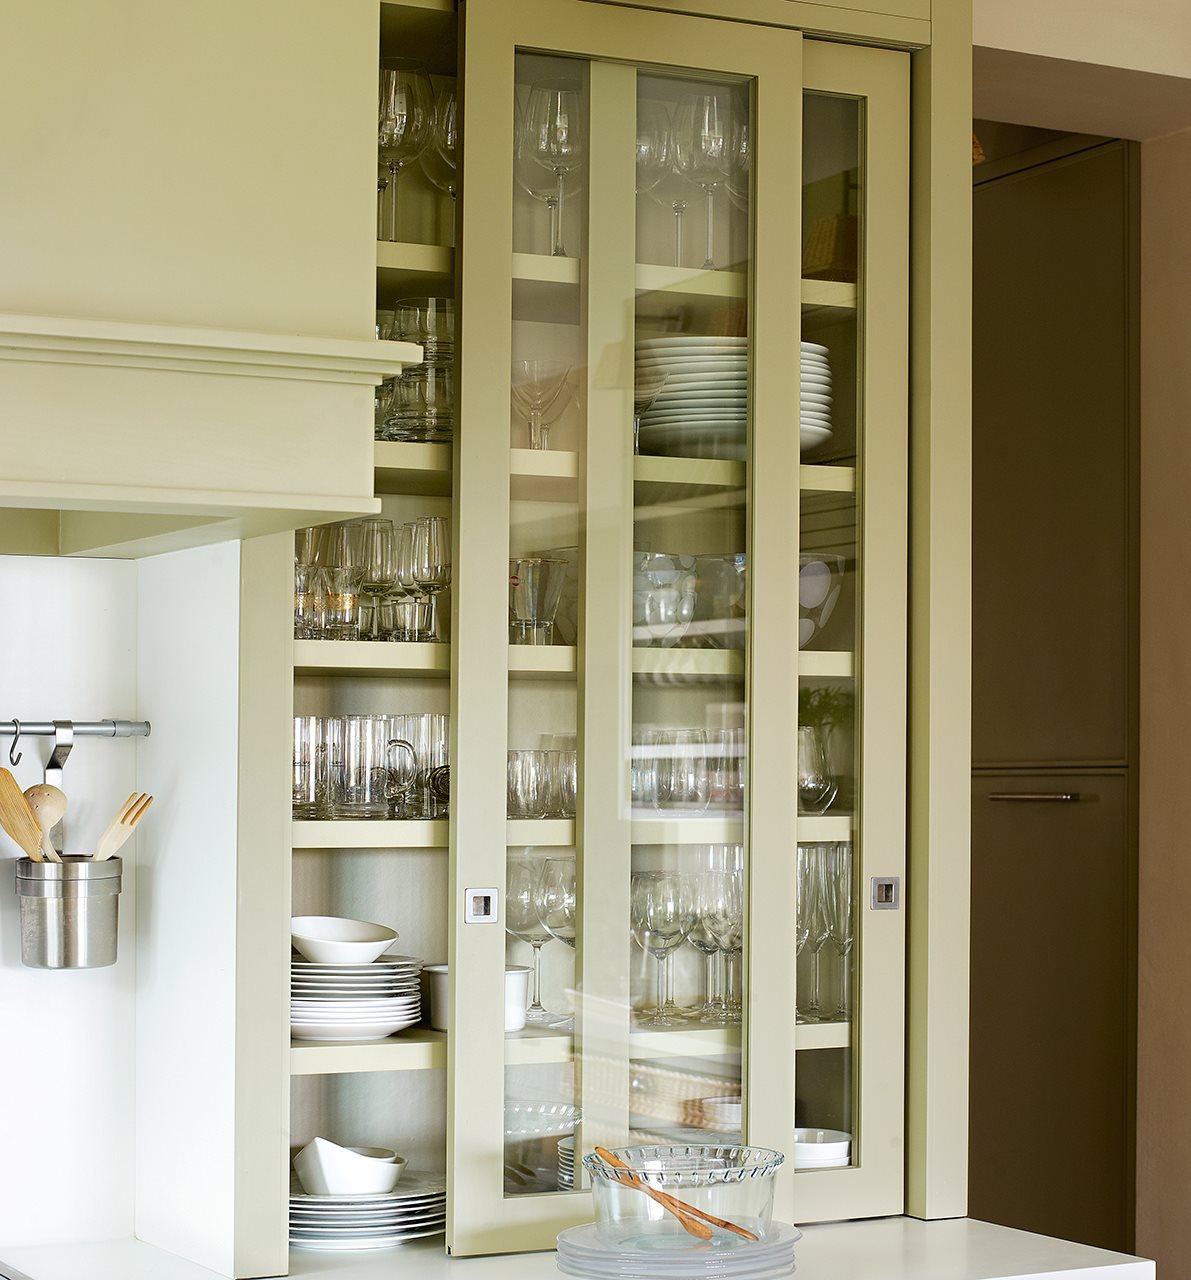 Trucos para organizar la cocina - Muebles para vajilla ...